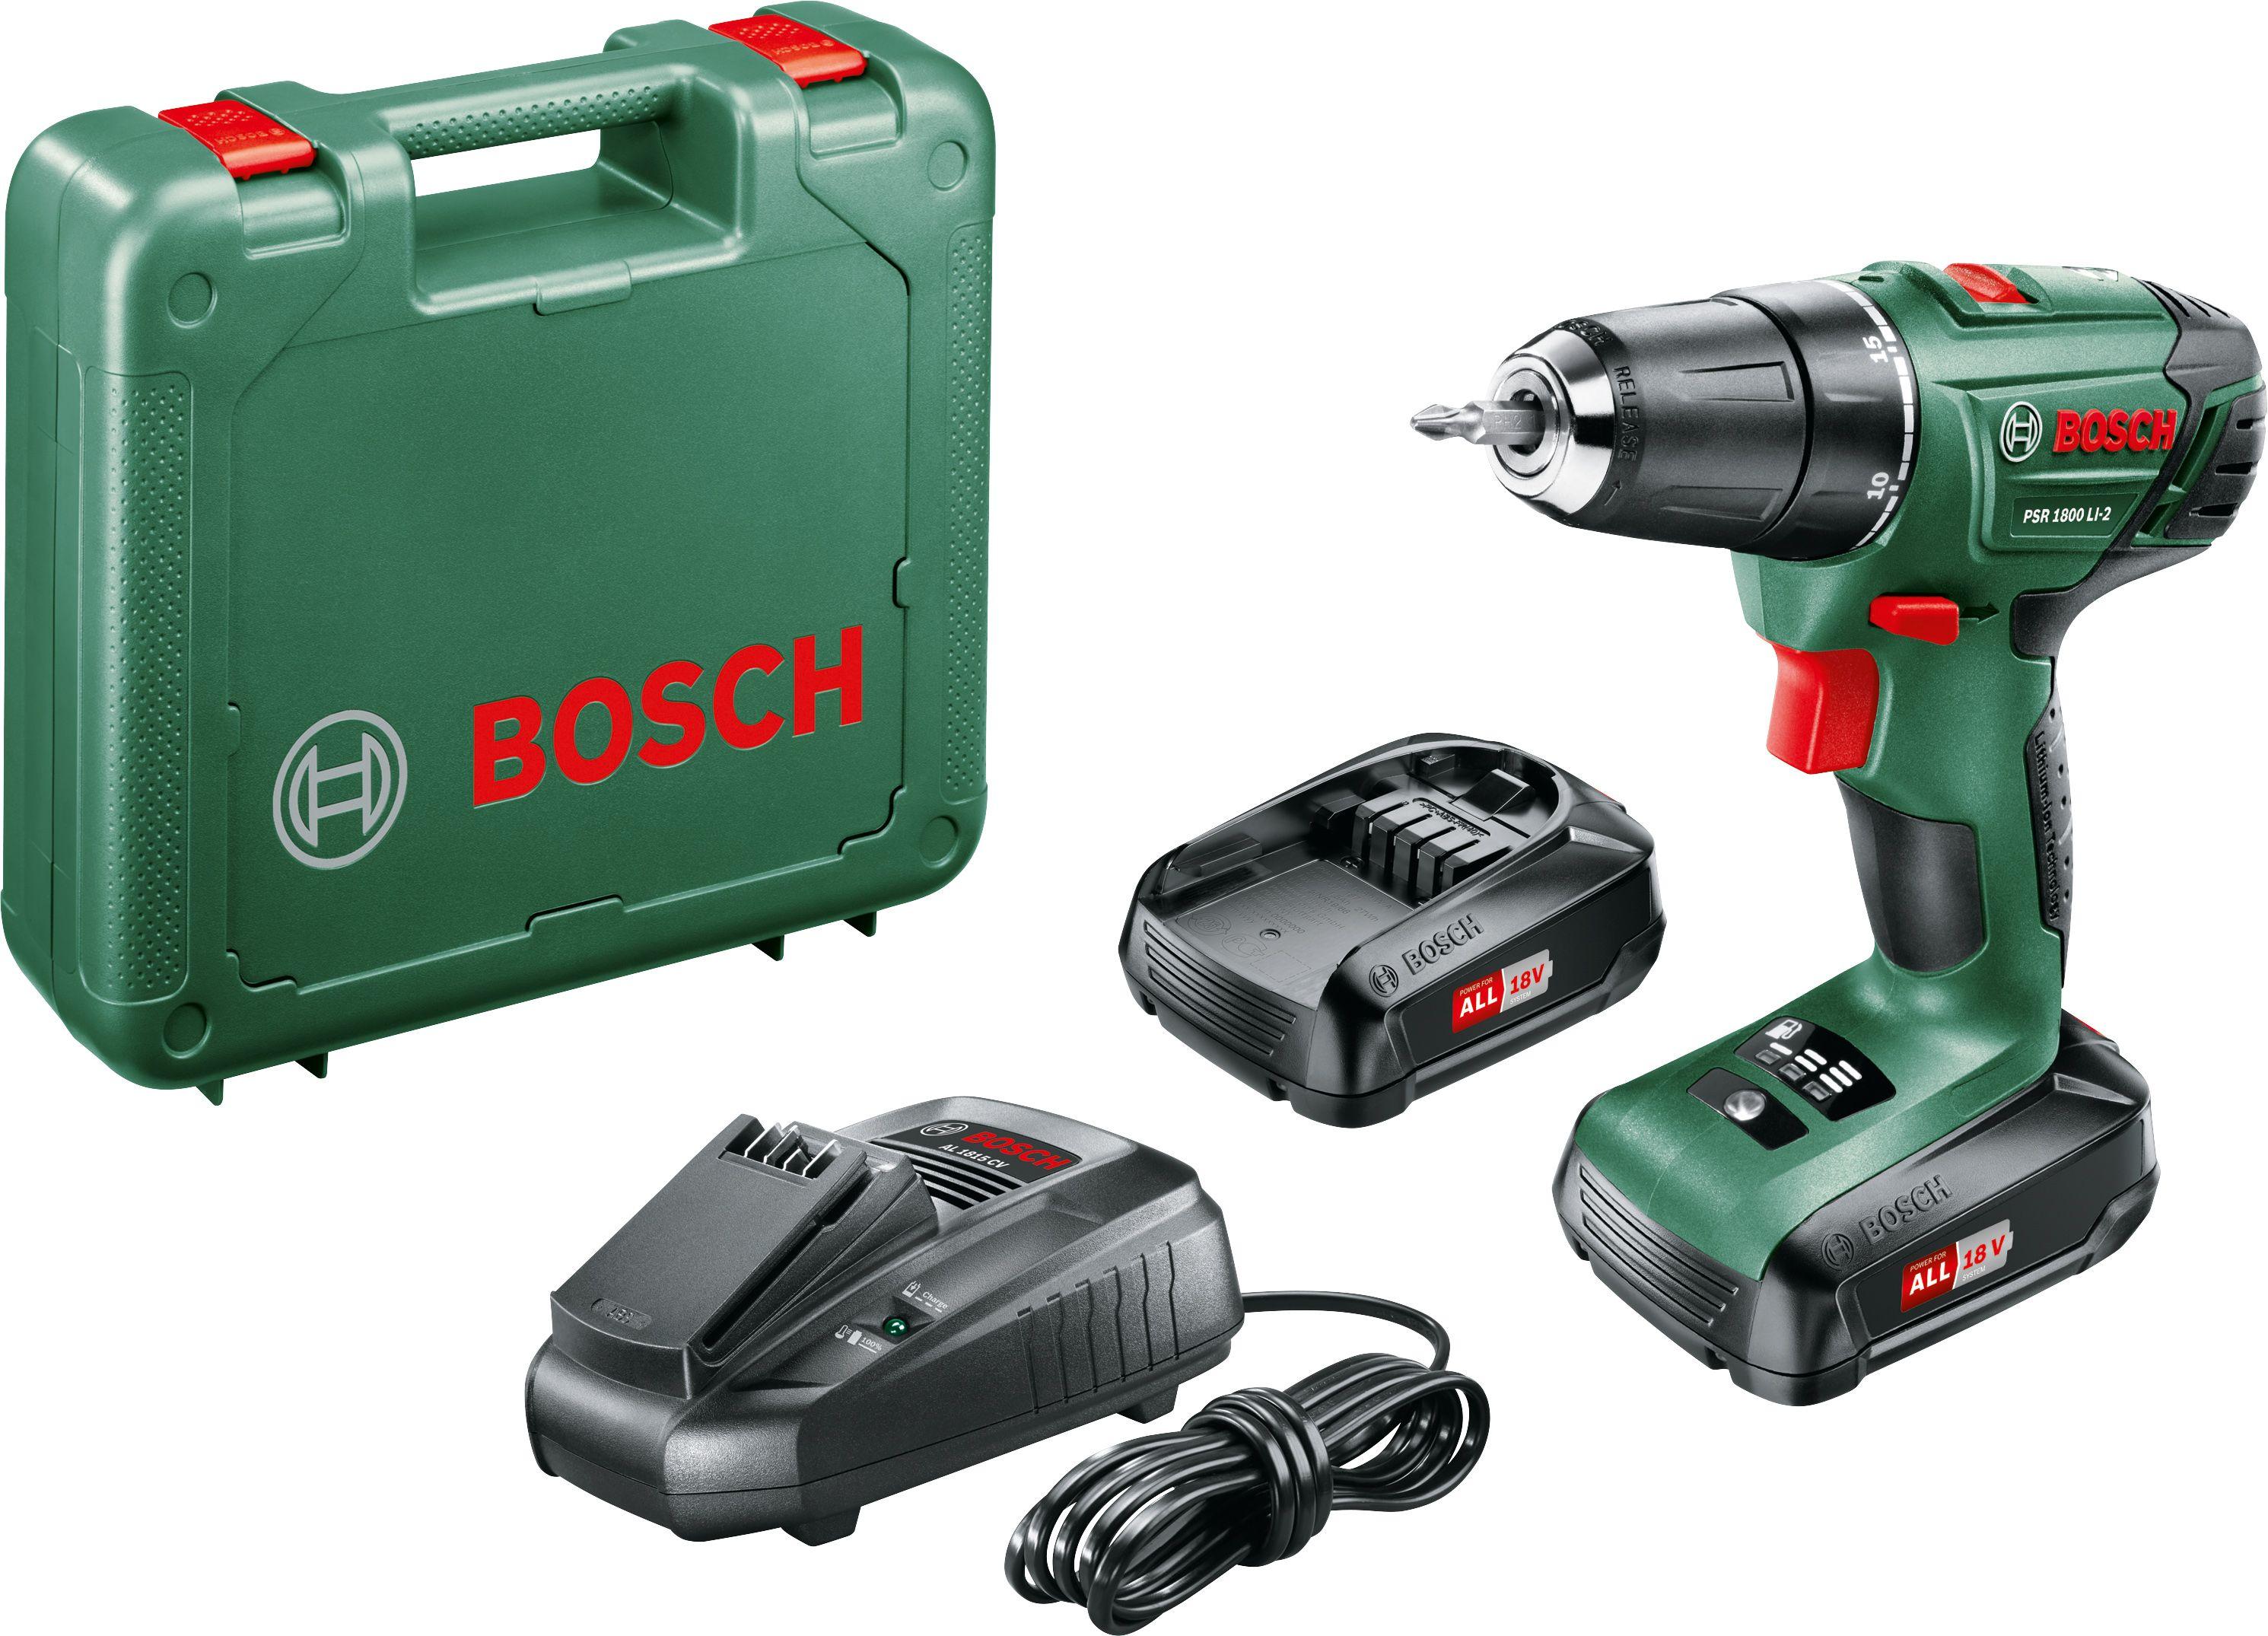 Bosch Akkubohrschrauber PSR 1800 LI-2 18 V, 2 x 1,5 Ah Akku, Ladegerät, Koffer